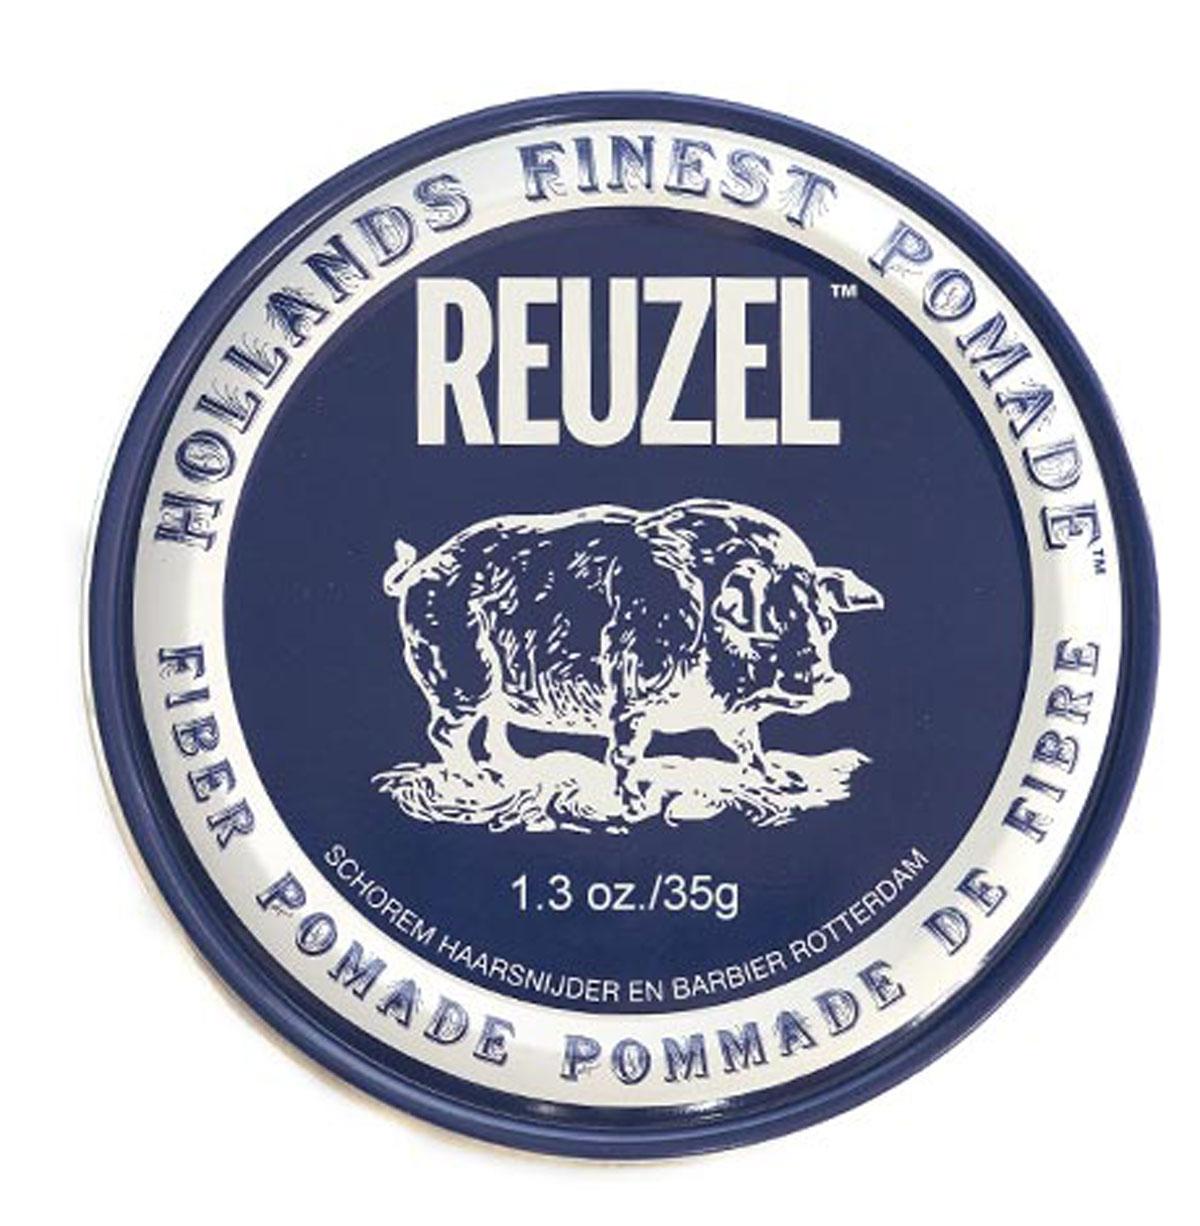 Reuzel паста для укладки волос, темно-синяя банка 35грREU029Fiber Pomade – это помада в темно-синей банке на водной основе. Создает текстурированную укладку, которая долго продержится, но при этом является подвижной. Низкая степень блеска и средняя фиксация. Помада лучше всего работает на коротких волосах, также отлично походит для плотных волос средней длины. Fiber Pomade поможет создать стиль легкой небрежности, будто вы только встали с кровати, но уже готовы покорять этот мир.